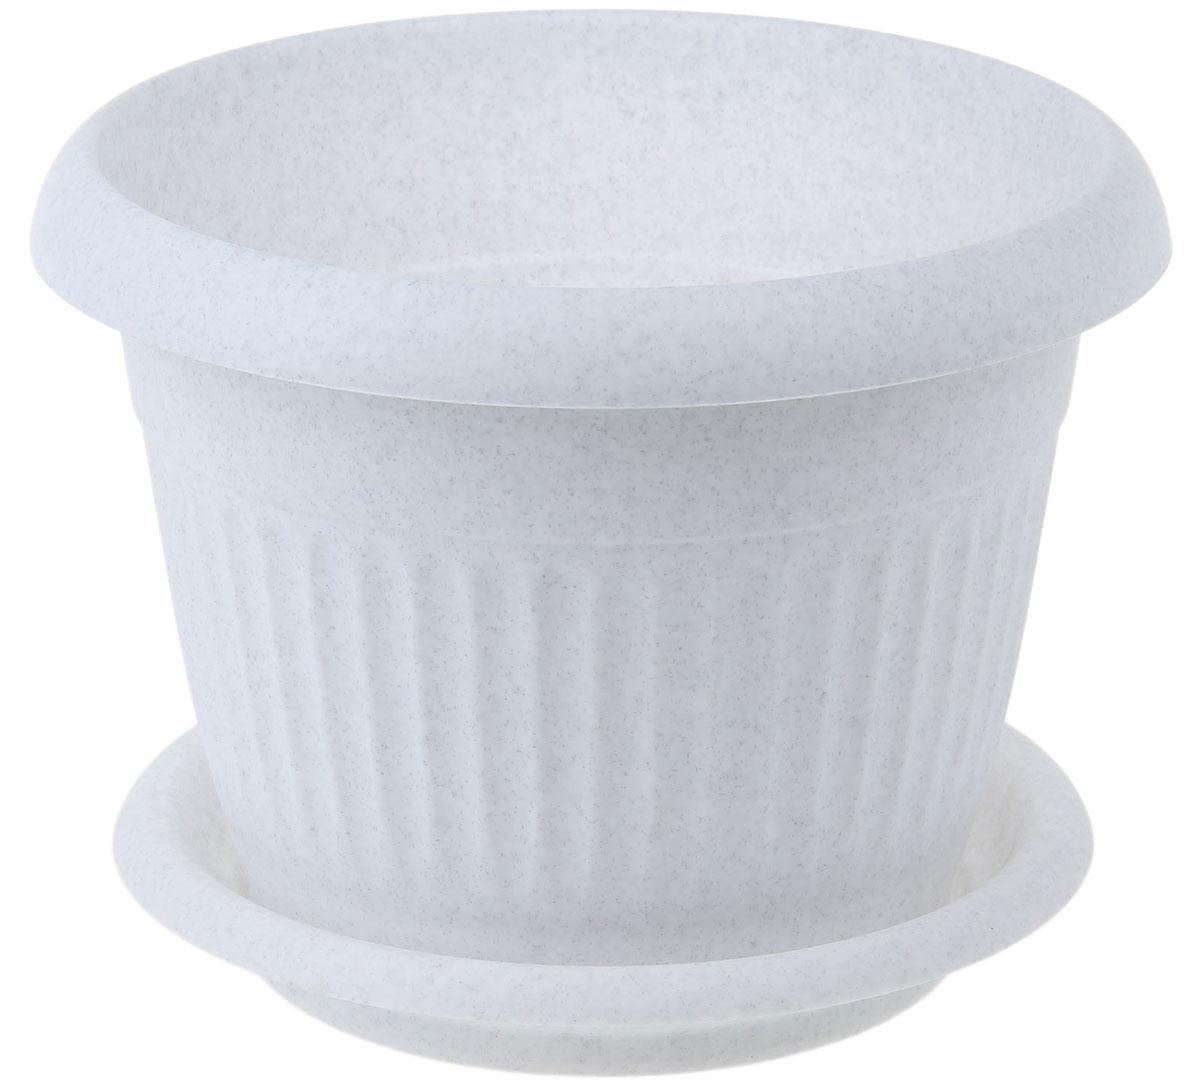 Кашпо Idea Ливия, с поддоном, цвет: мраморный, 600 млМ 3009Кашпо Idea Ливия изготовлено из прочного полипропилена (пластика) и предназначено для выращивания растений, цветов и трав в домашних условиях. Круглый поддон обеспечивает сток воды. Такое кашпо порадует вас функциональностью, а благодаря лаконичному дизайну впишется в любой интерьер помещения. Диаметр кашпо по верхнему краю: 12 см. Объем кашпо: 600 мл.